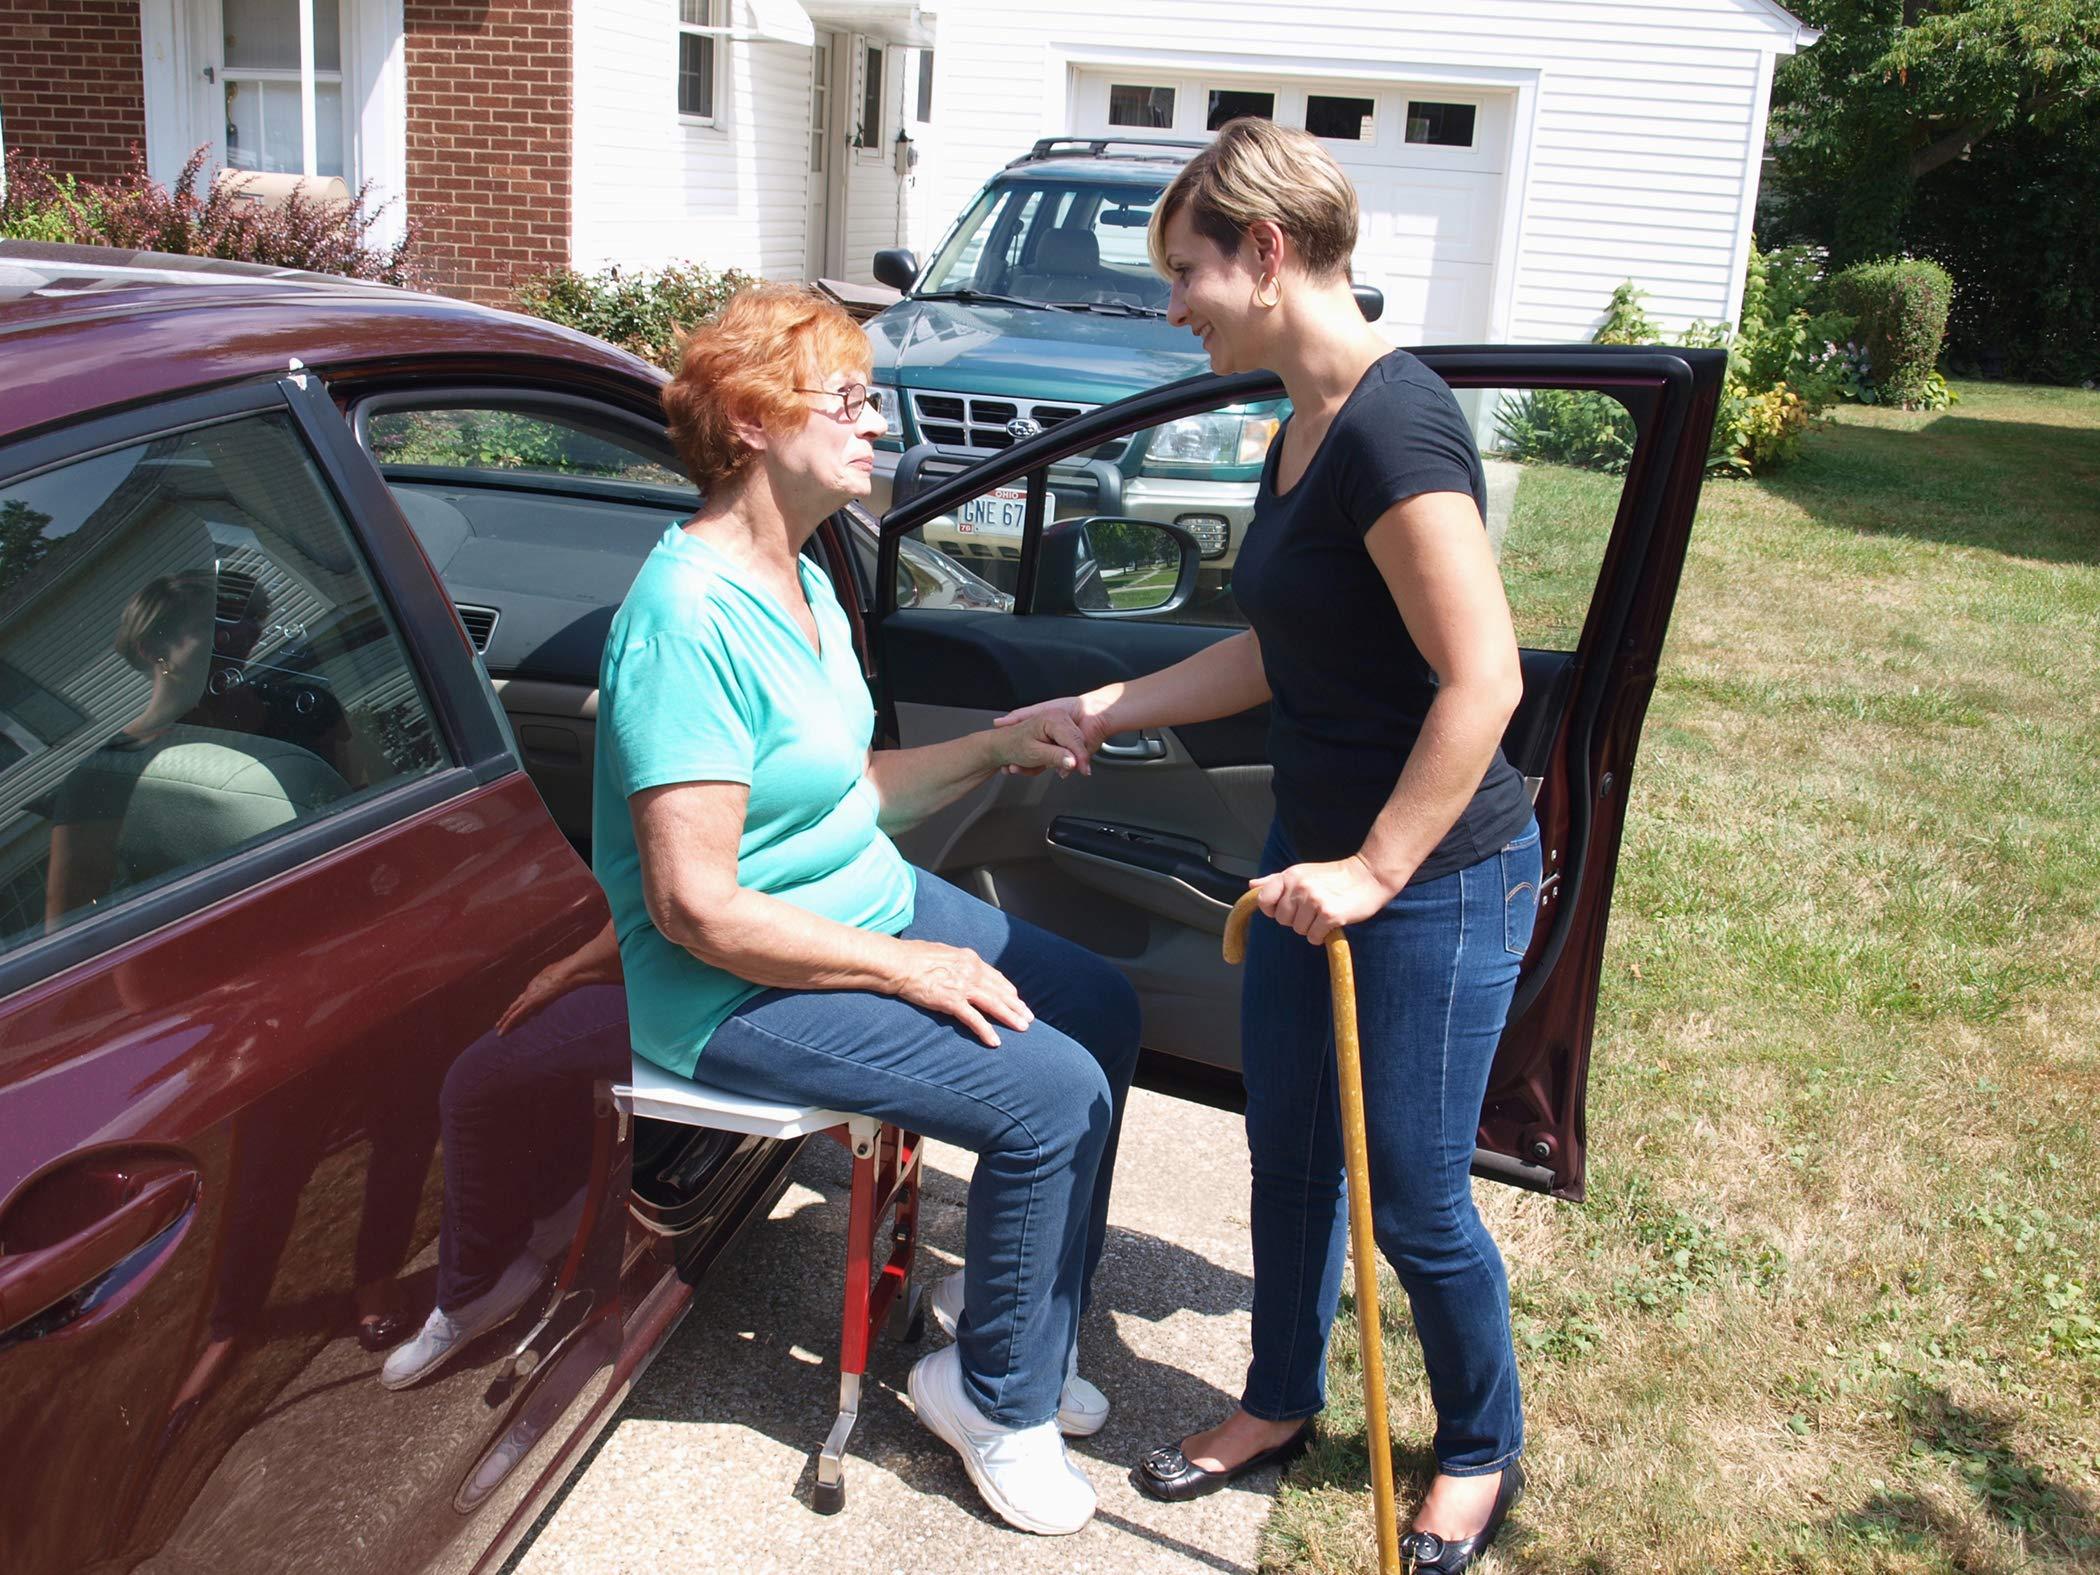 Slide 'n Ride Vehicle Transfer seat by SLIDE 'n RIDE Vehicle Assist Seat (Image #2)